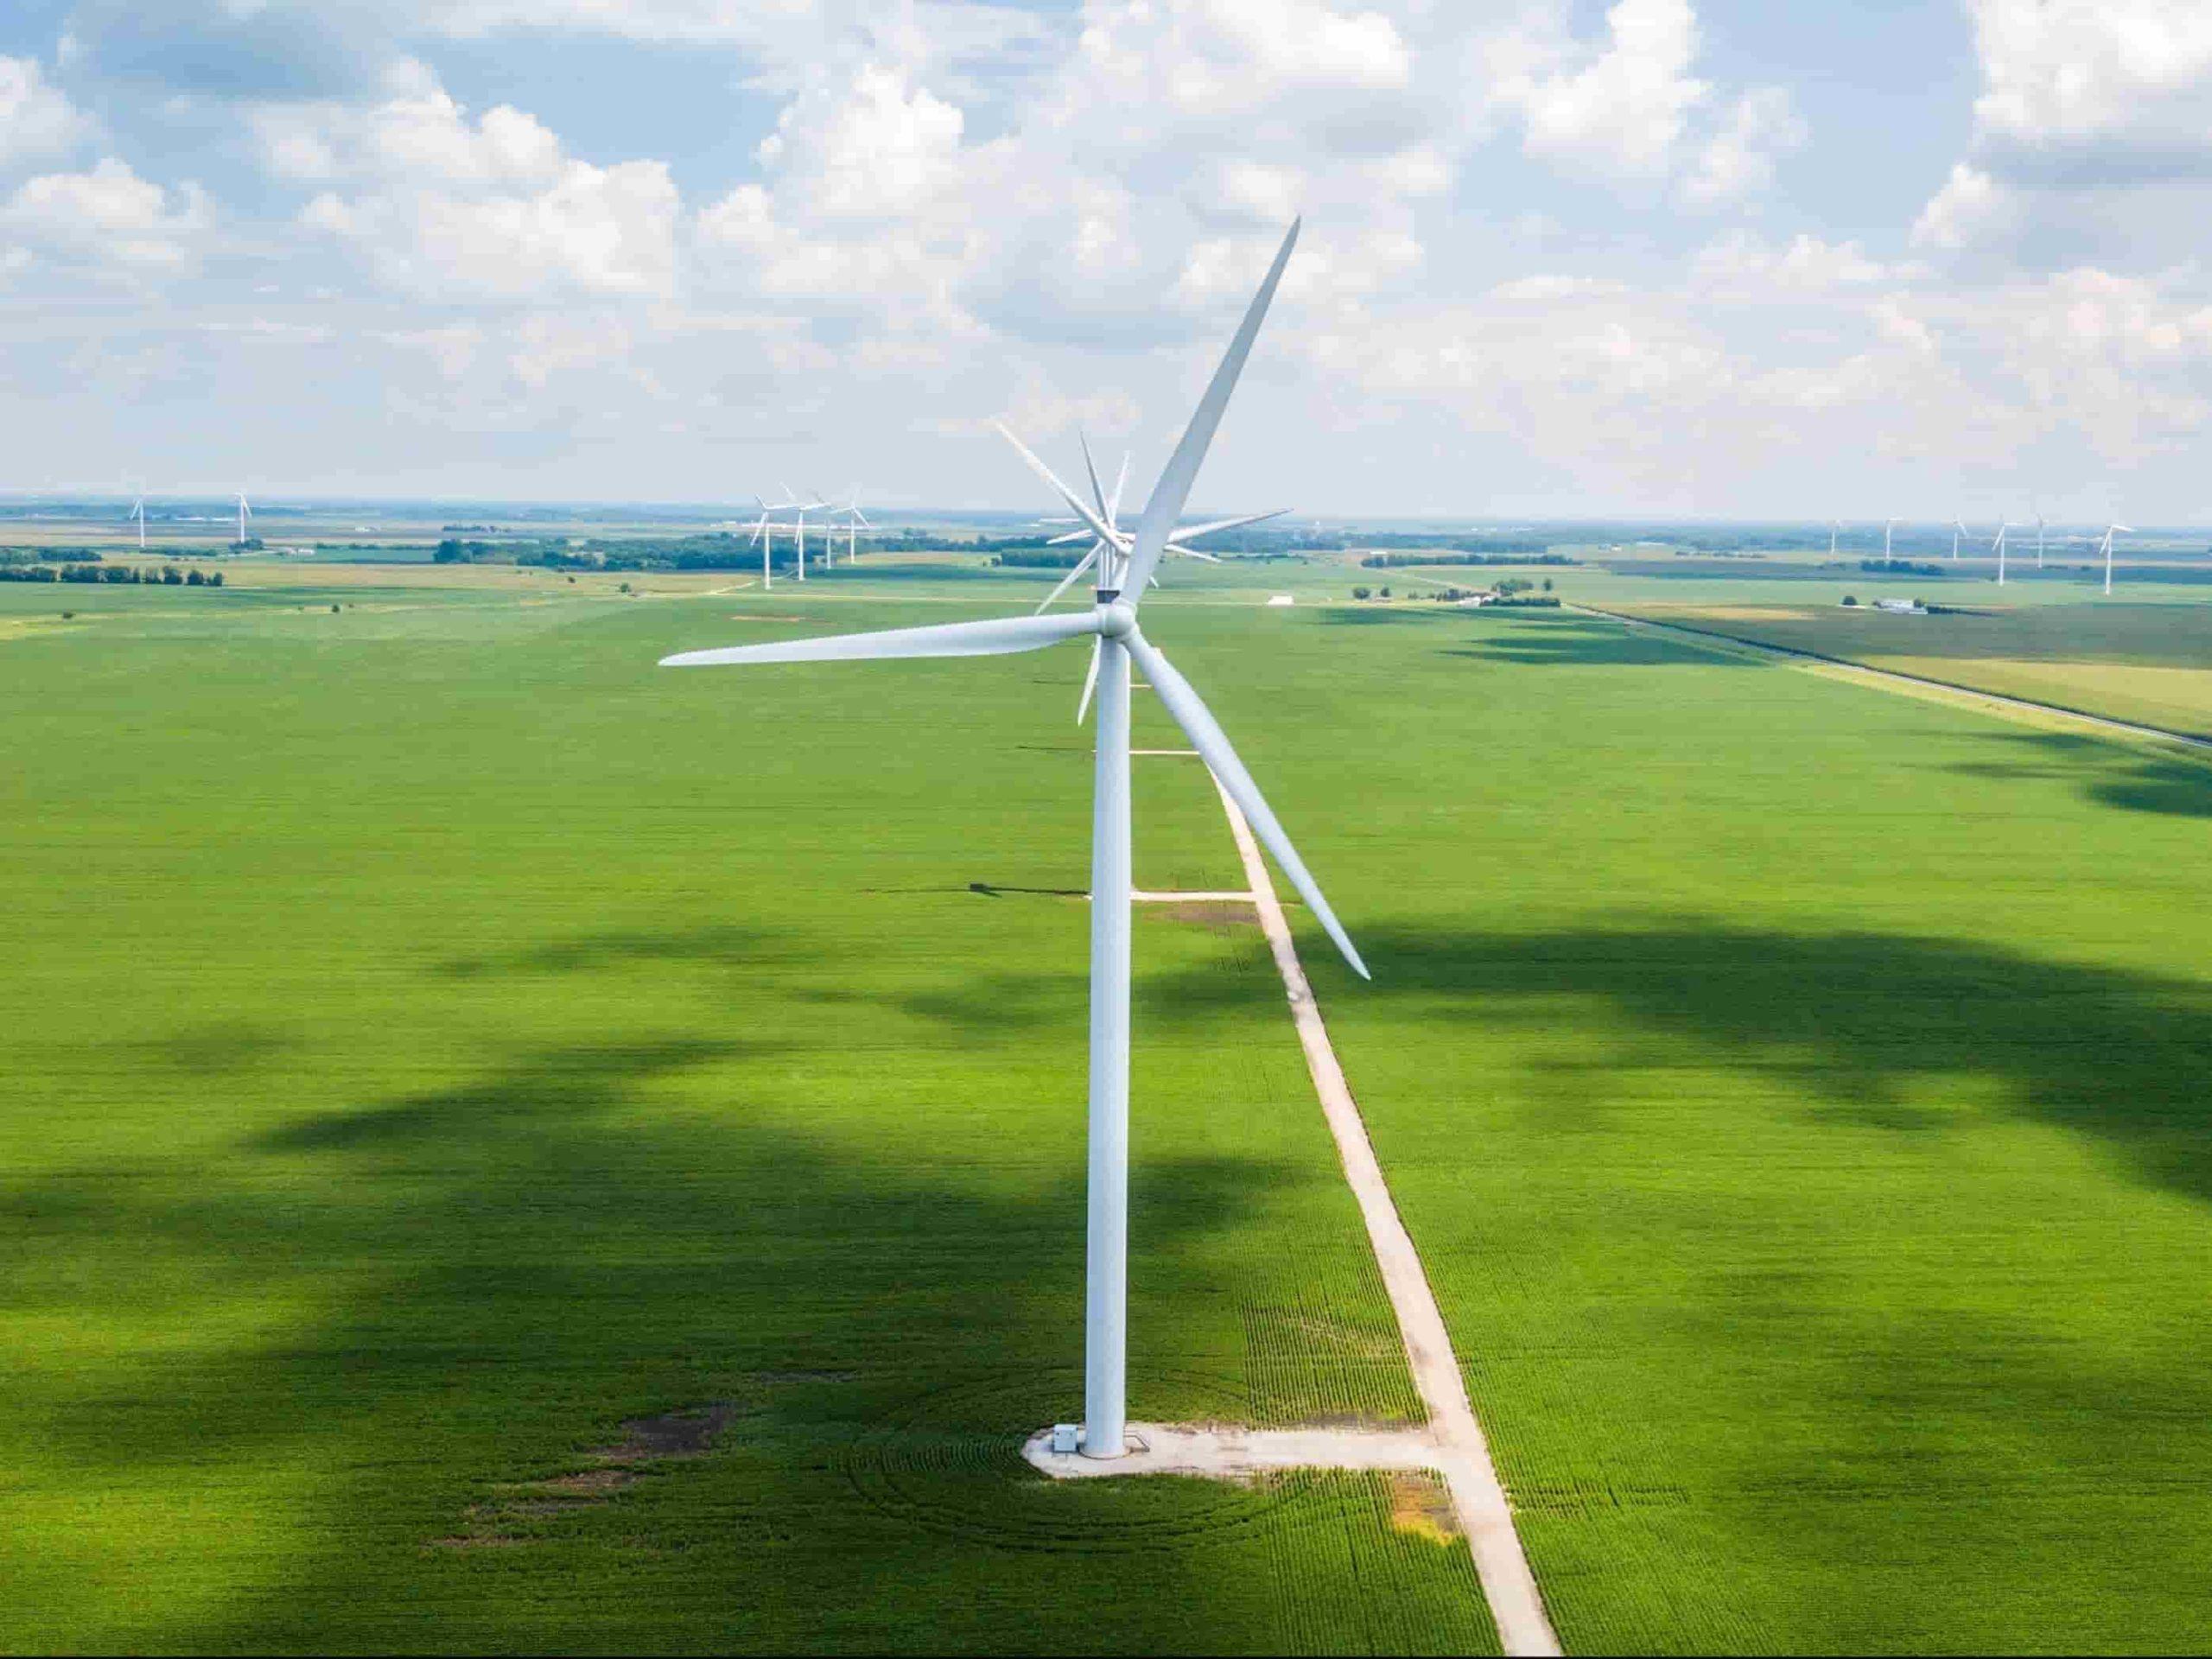 éolienne image